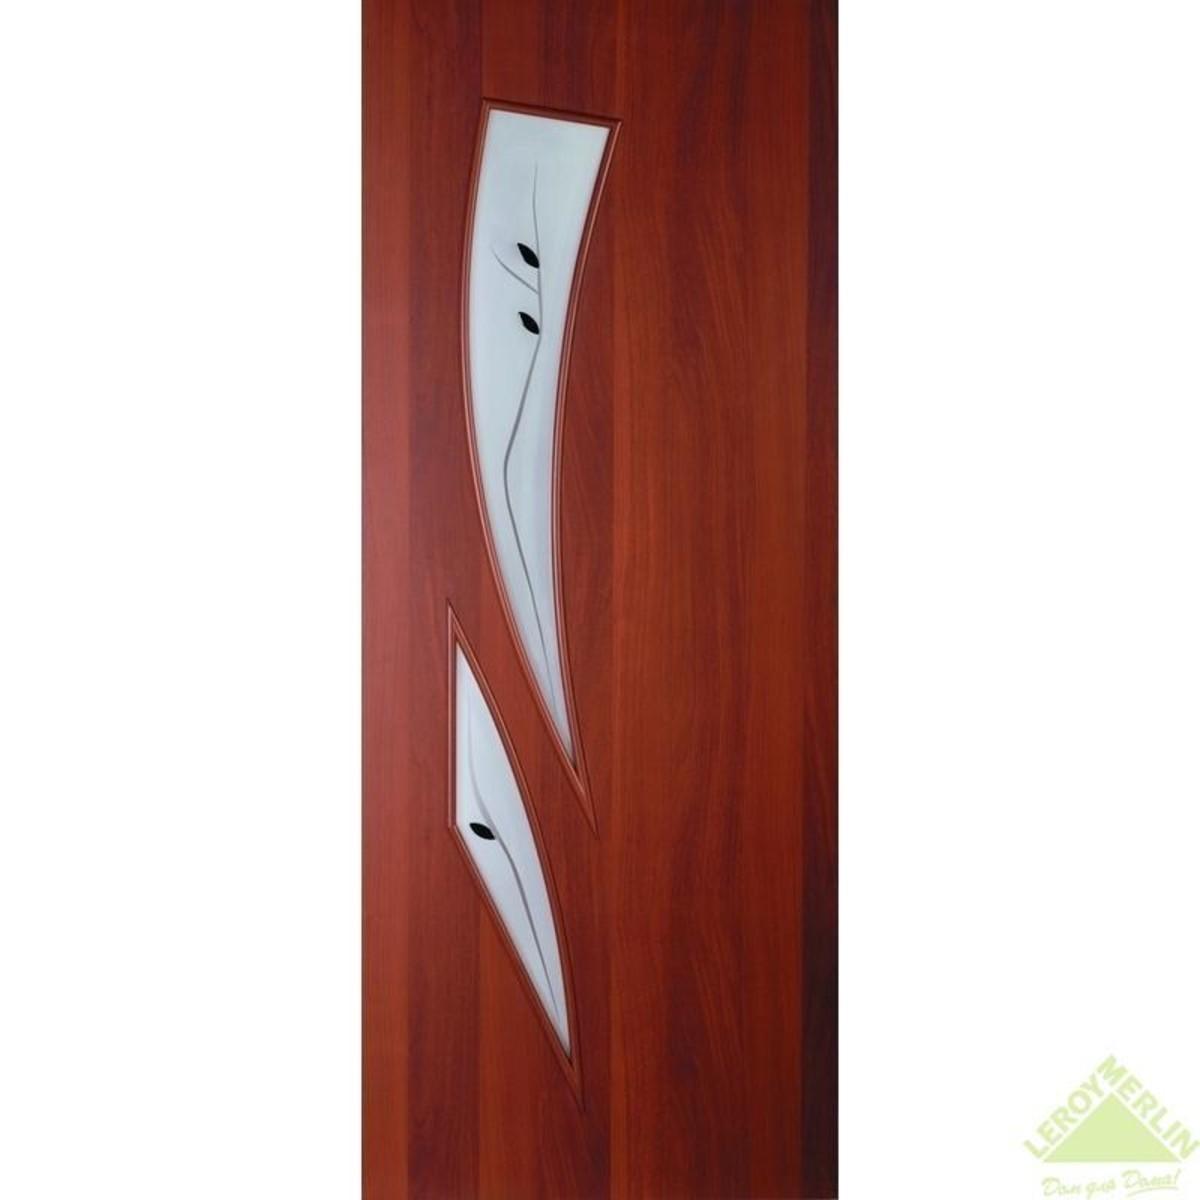 Дверь Межкомнатная Остеклённая Камея 700x2000 Ламинация Итальянский Орех